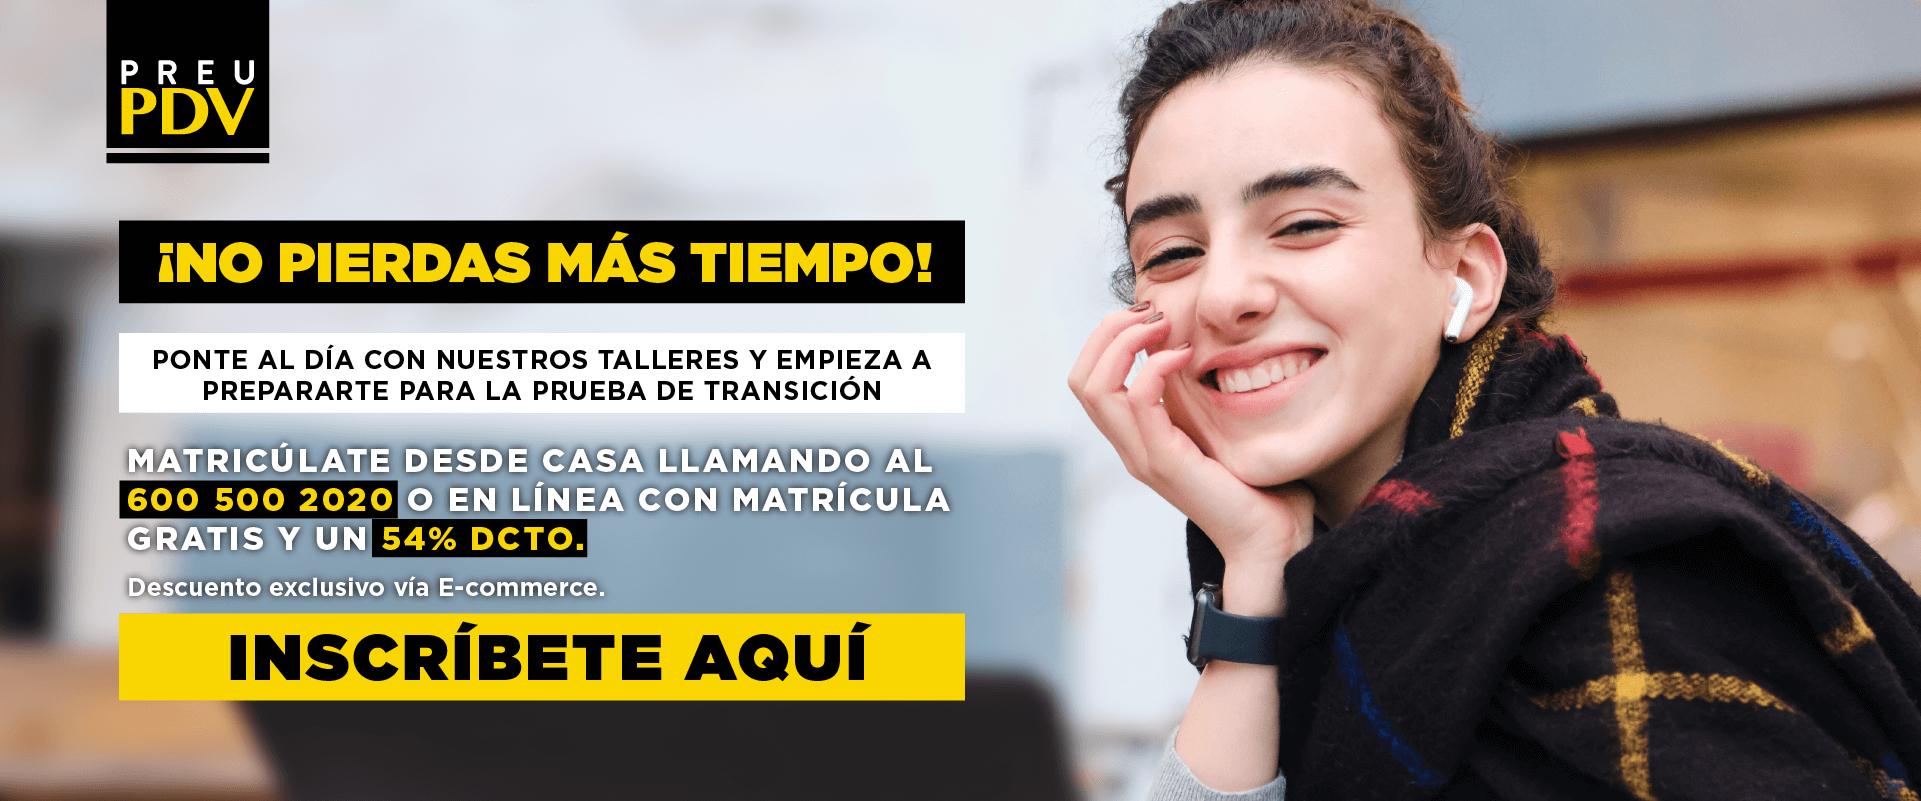 Preu PDV - Admisión Prueba Transición - Venta Remota